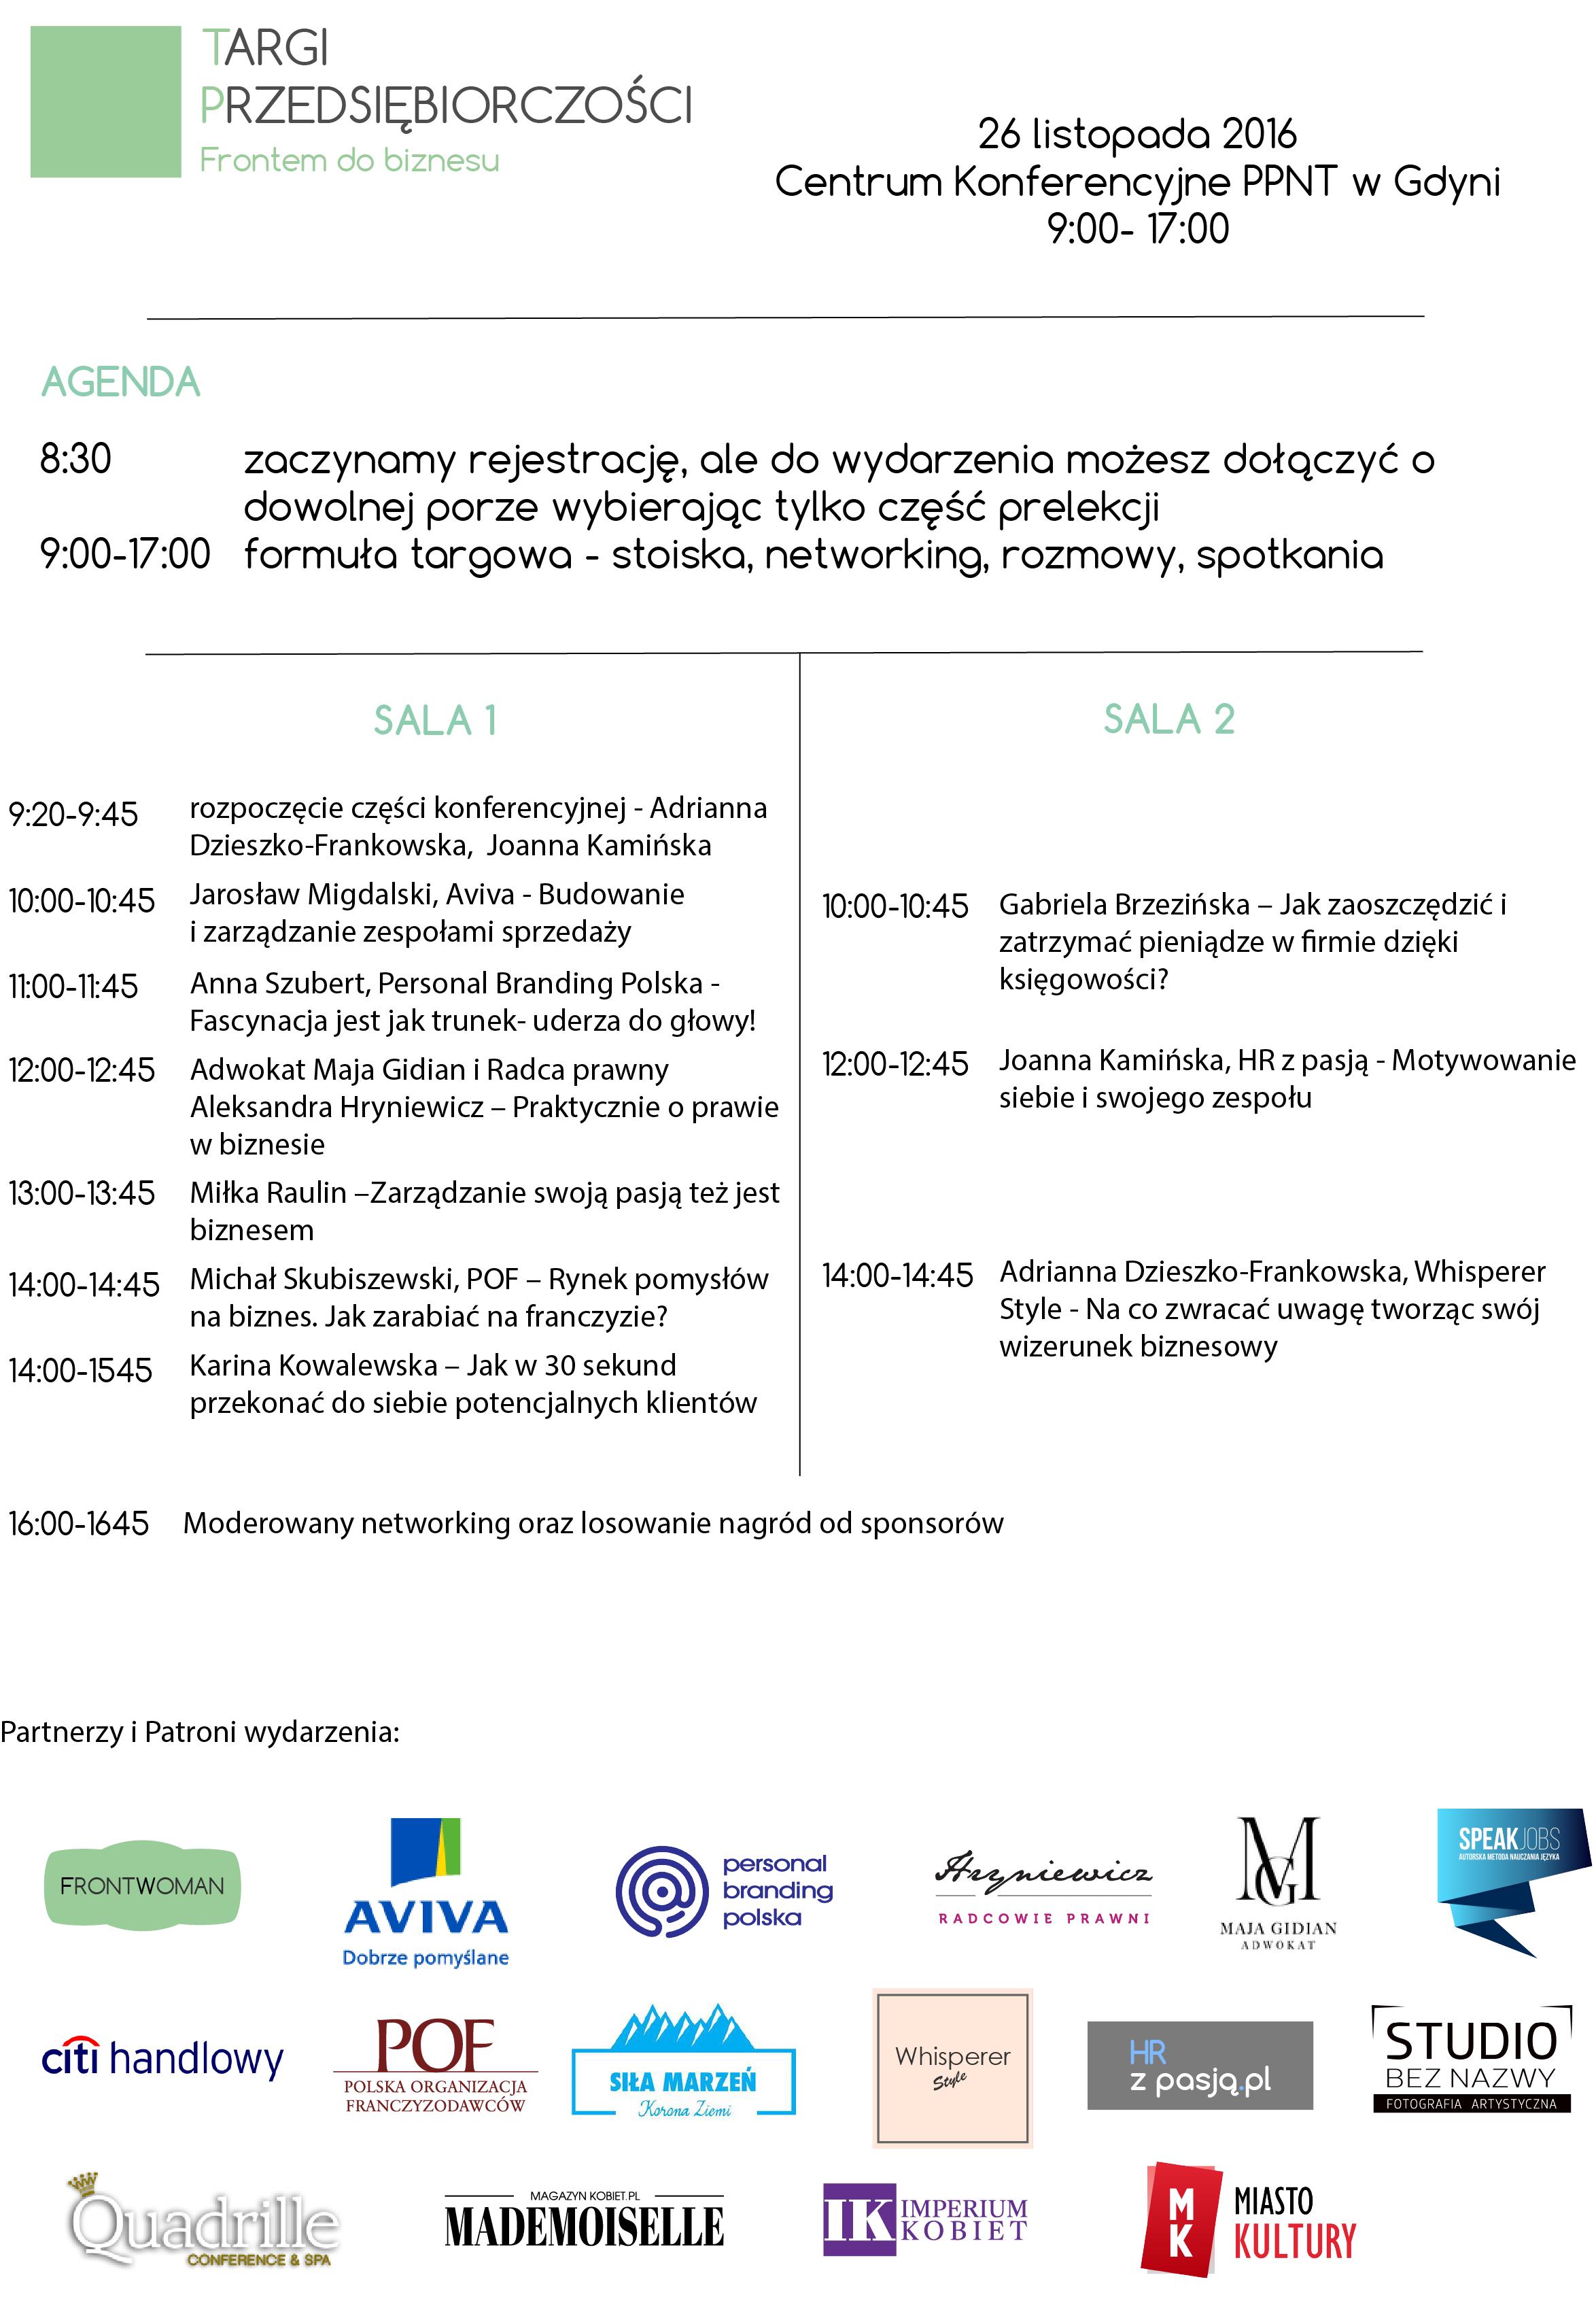 magazynkobiet.pl - Agenda wydarzenia 1 - Targi Przedsiębiorczośći- FRONTWOMAN